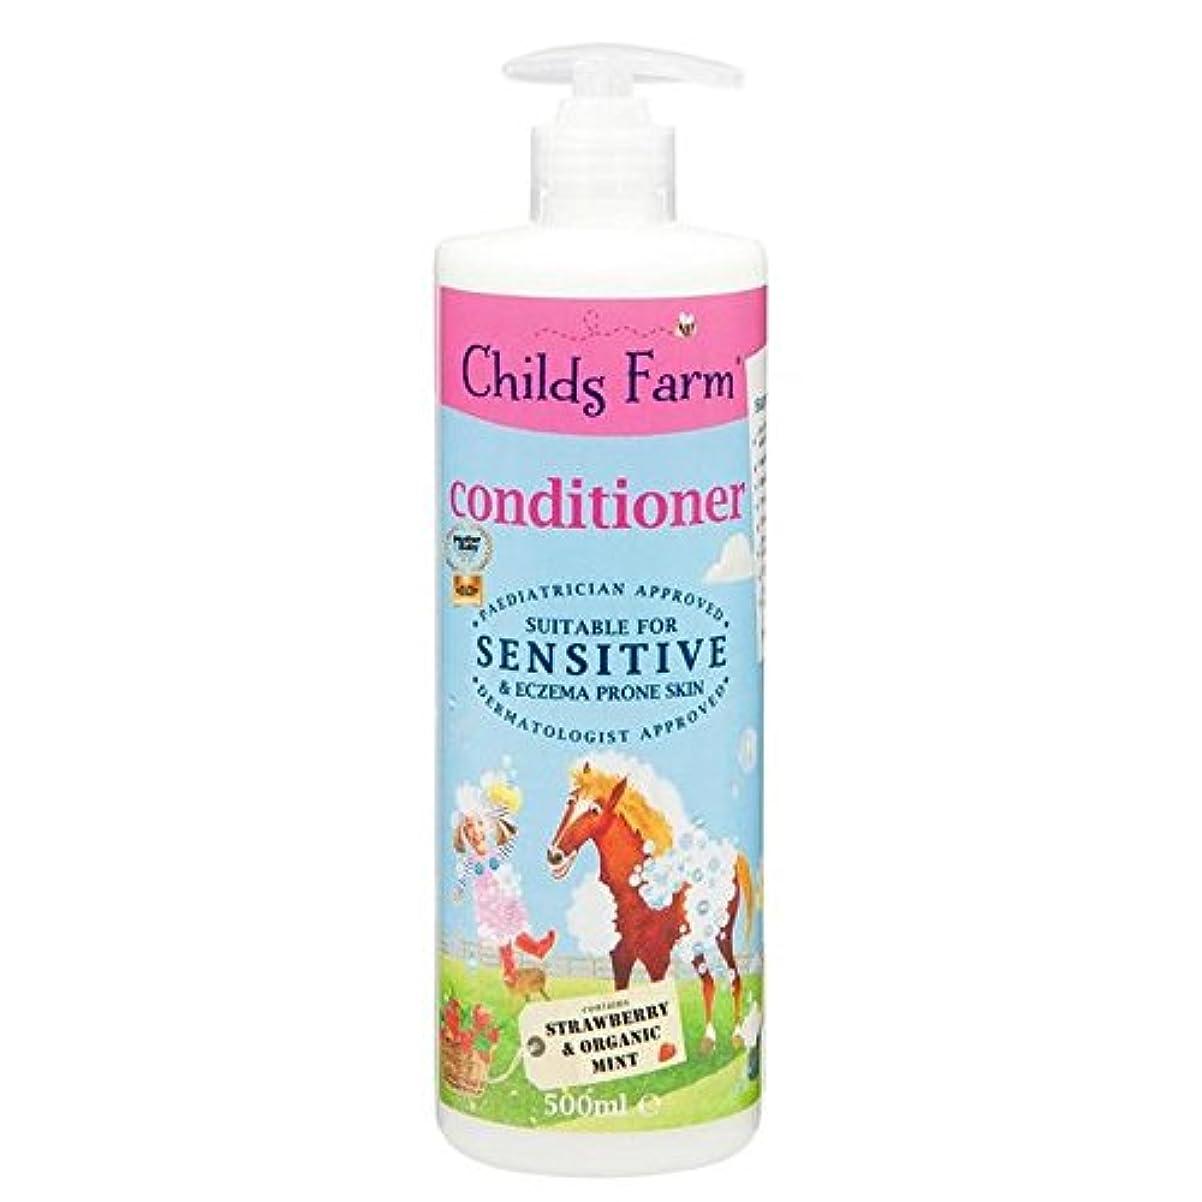 パラダイス主人重要性Childs Farm Conditioner for Unruly Hair 500ml - 手に負えない髪の500ミリリットルのためのチャイルズファームコンディショナー [並行輸入品]